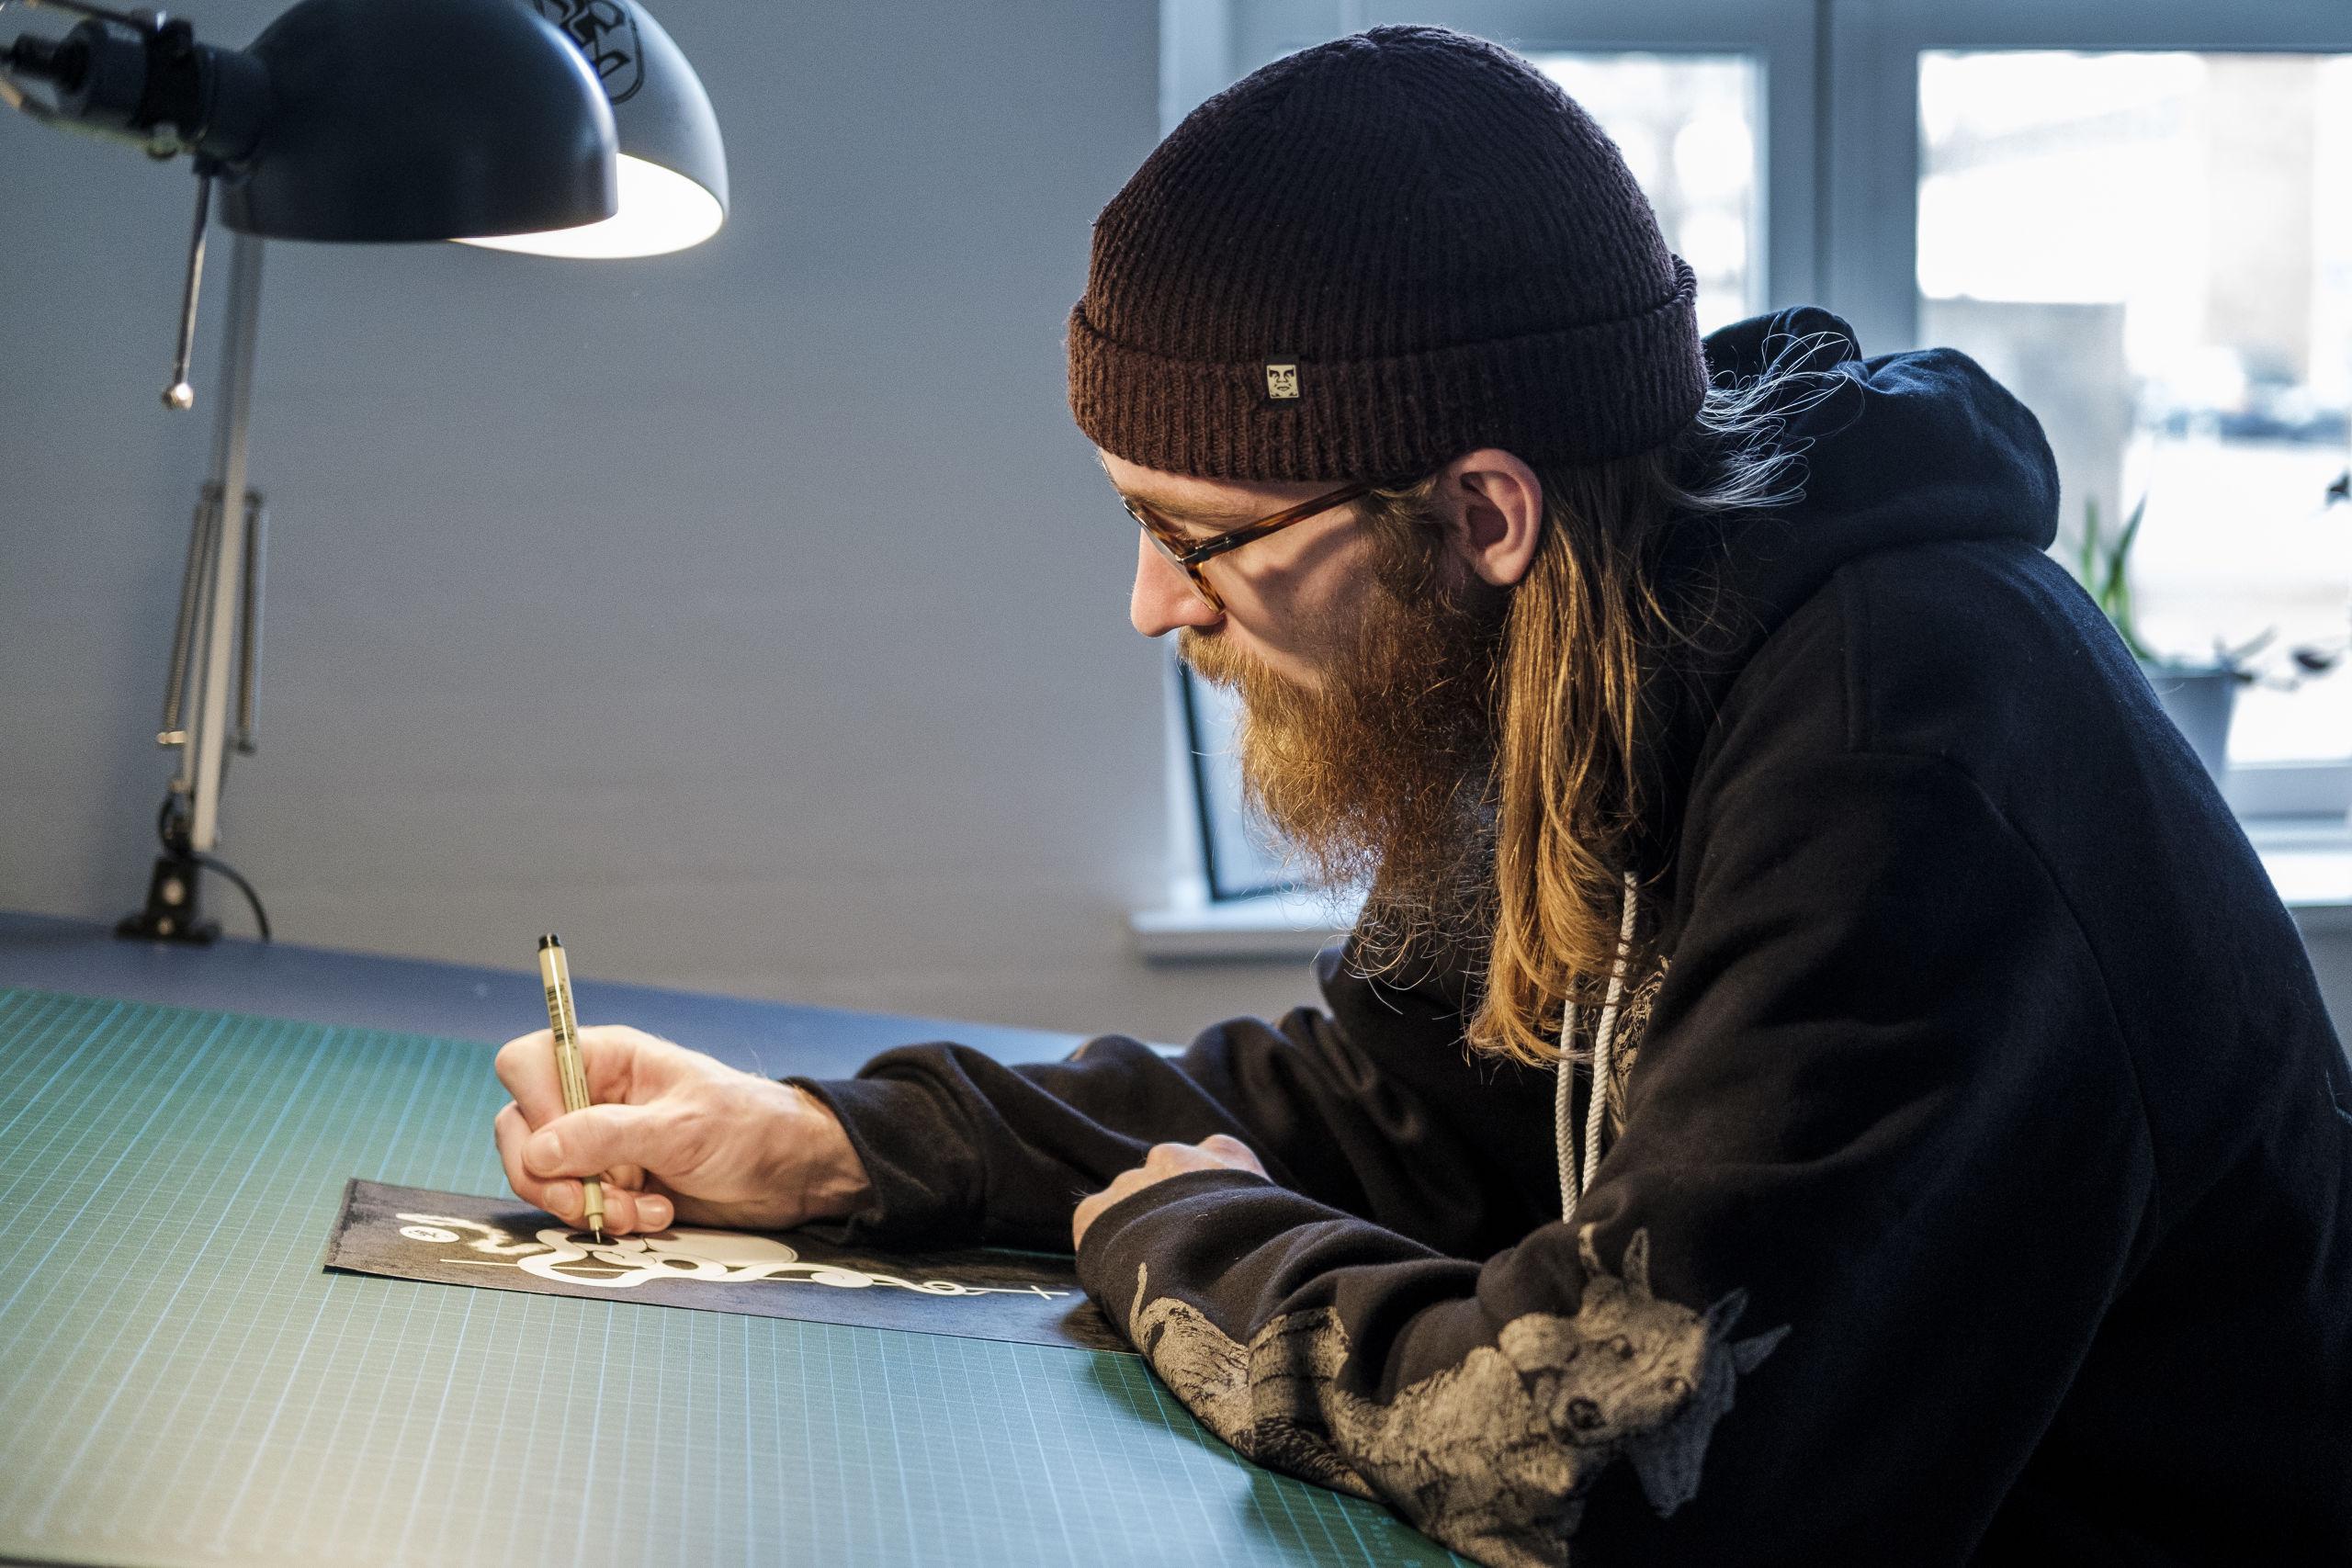 Ofte bliver han så grebet af arbejdet, at han sidder i flere timer og tegner. Men det ensformige arbejde er hårdt for hånden og øjnene. Foto: Lasse Sand